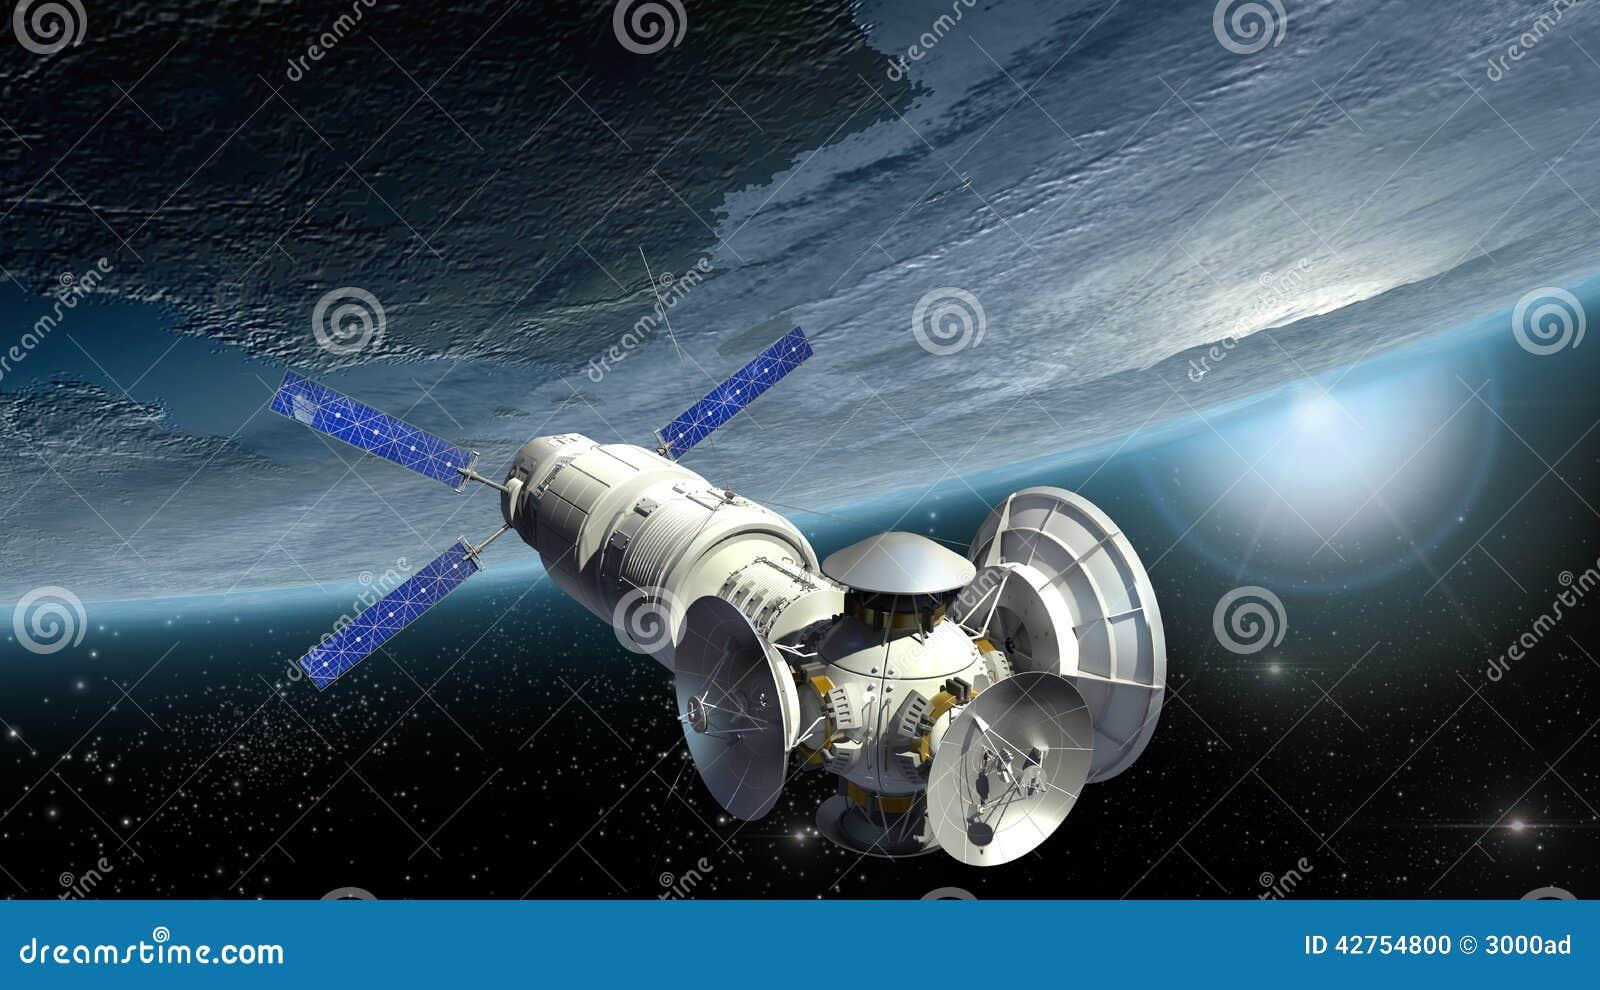 satellite sci fi nasa - photo #16